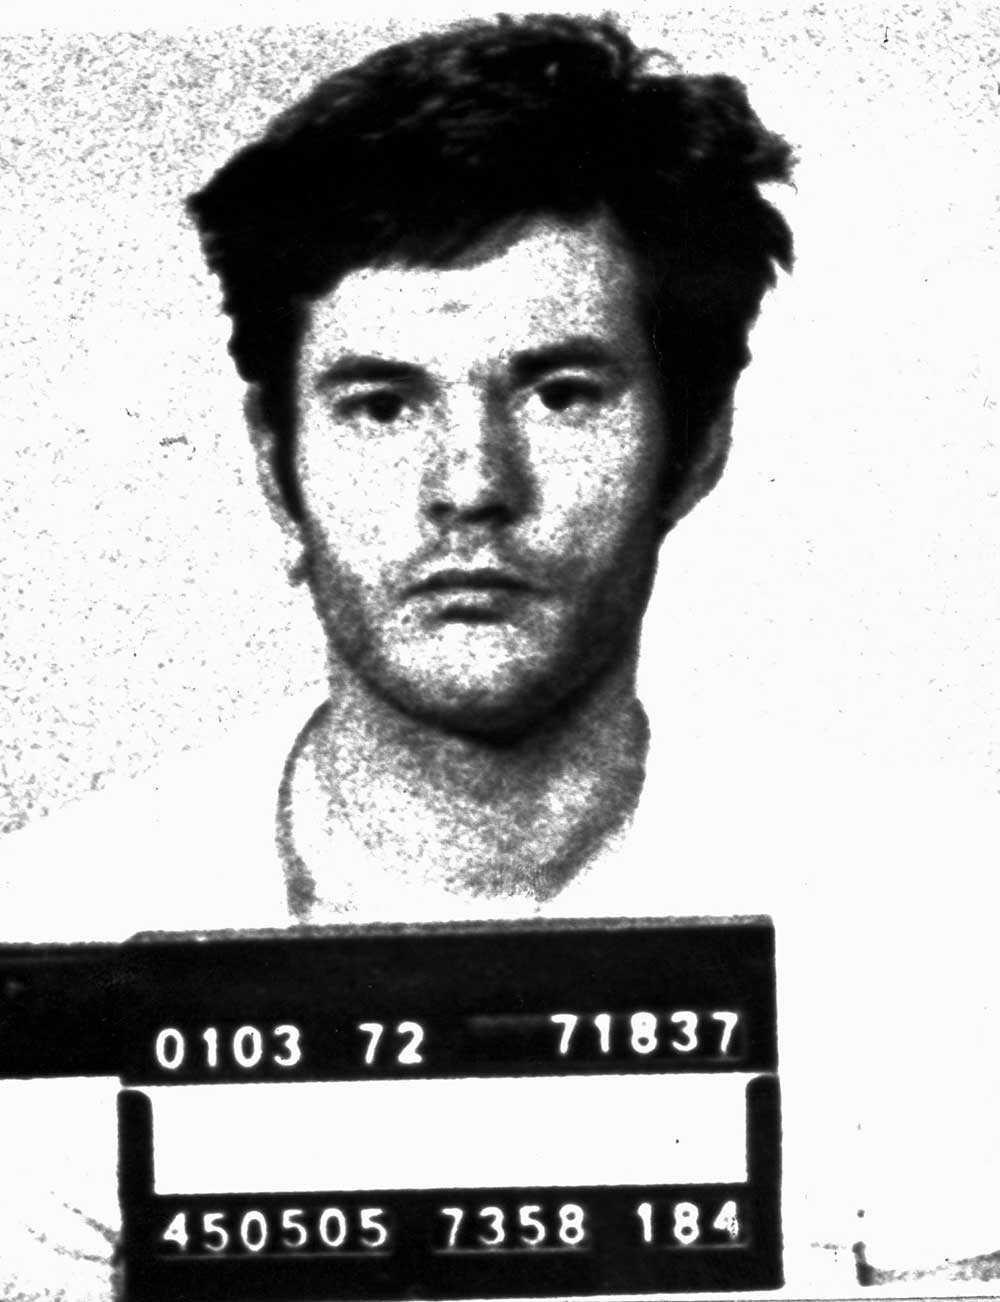 Lars-Inge Svartenbrandt fotad av polisen i samband med ett gripande 1972.